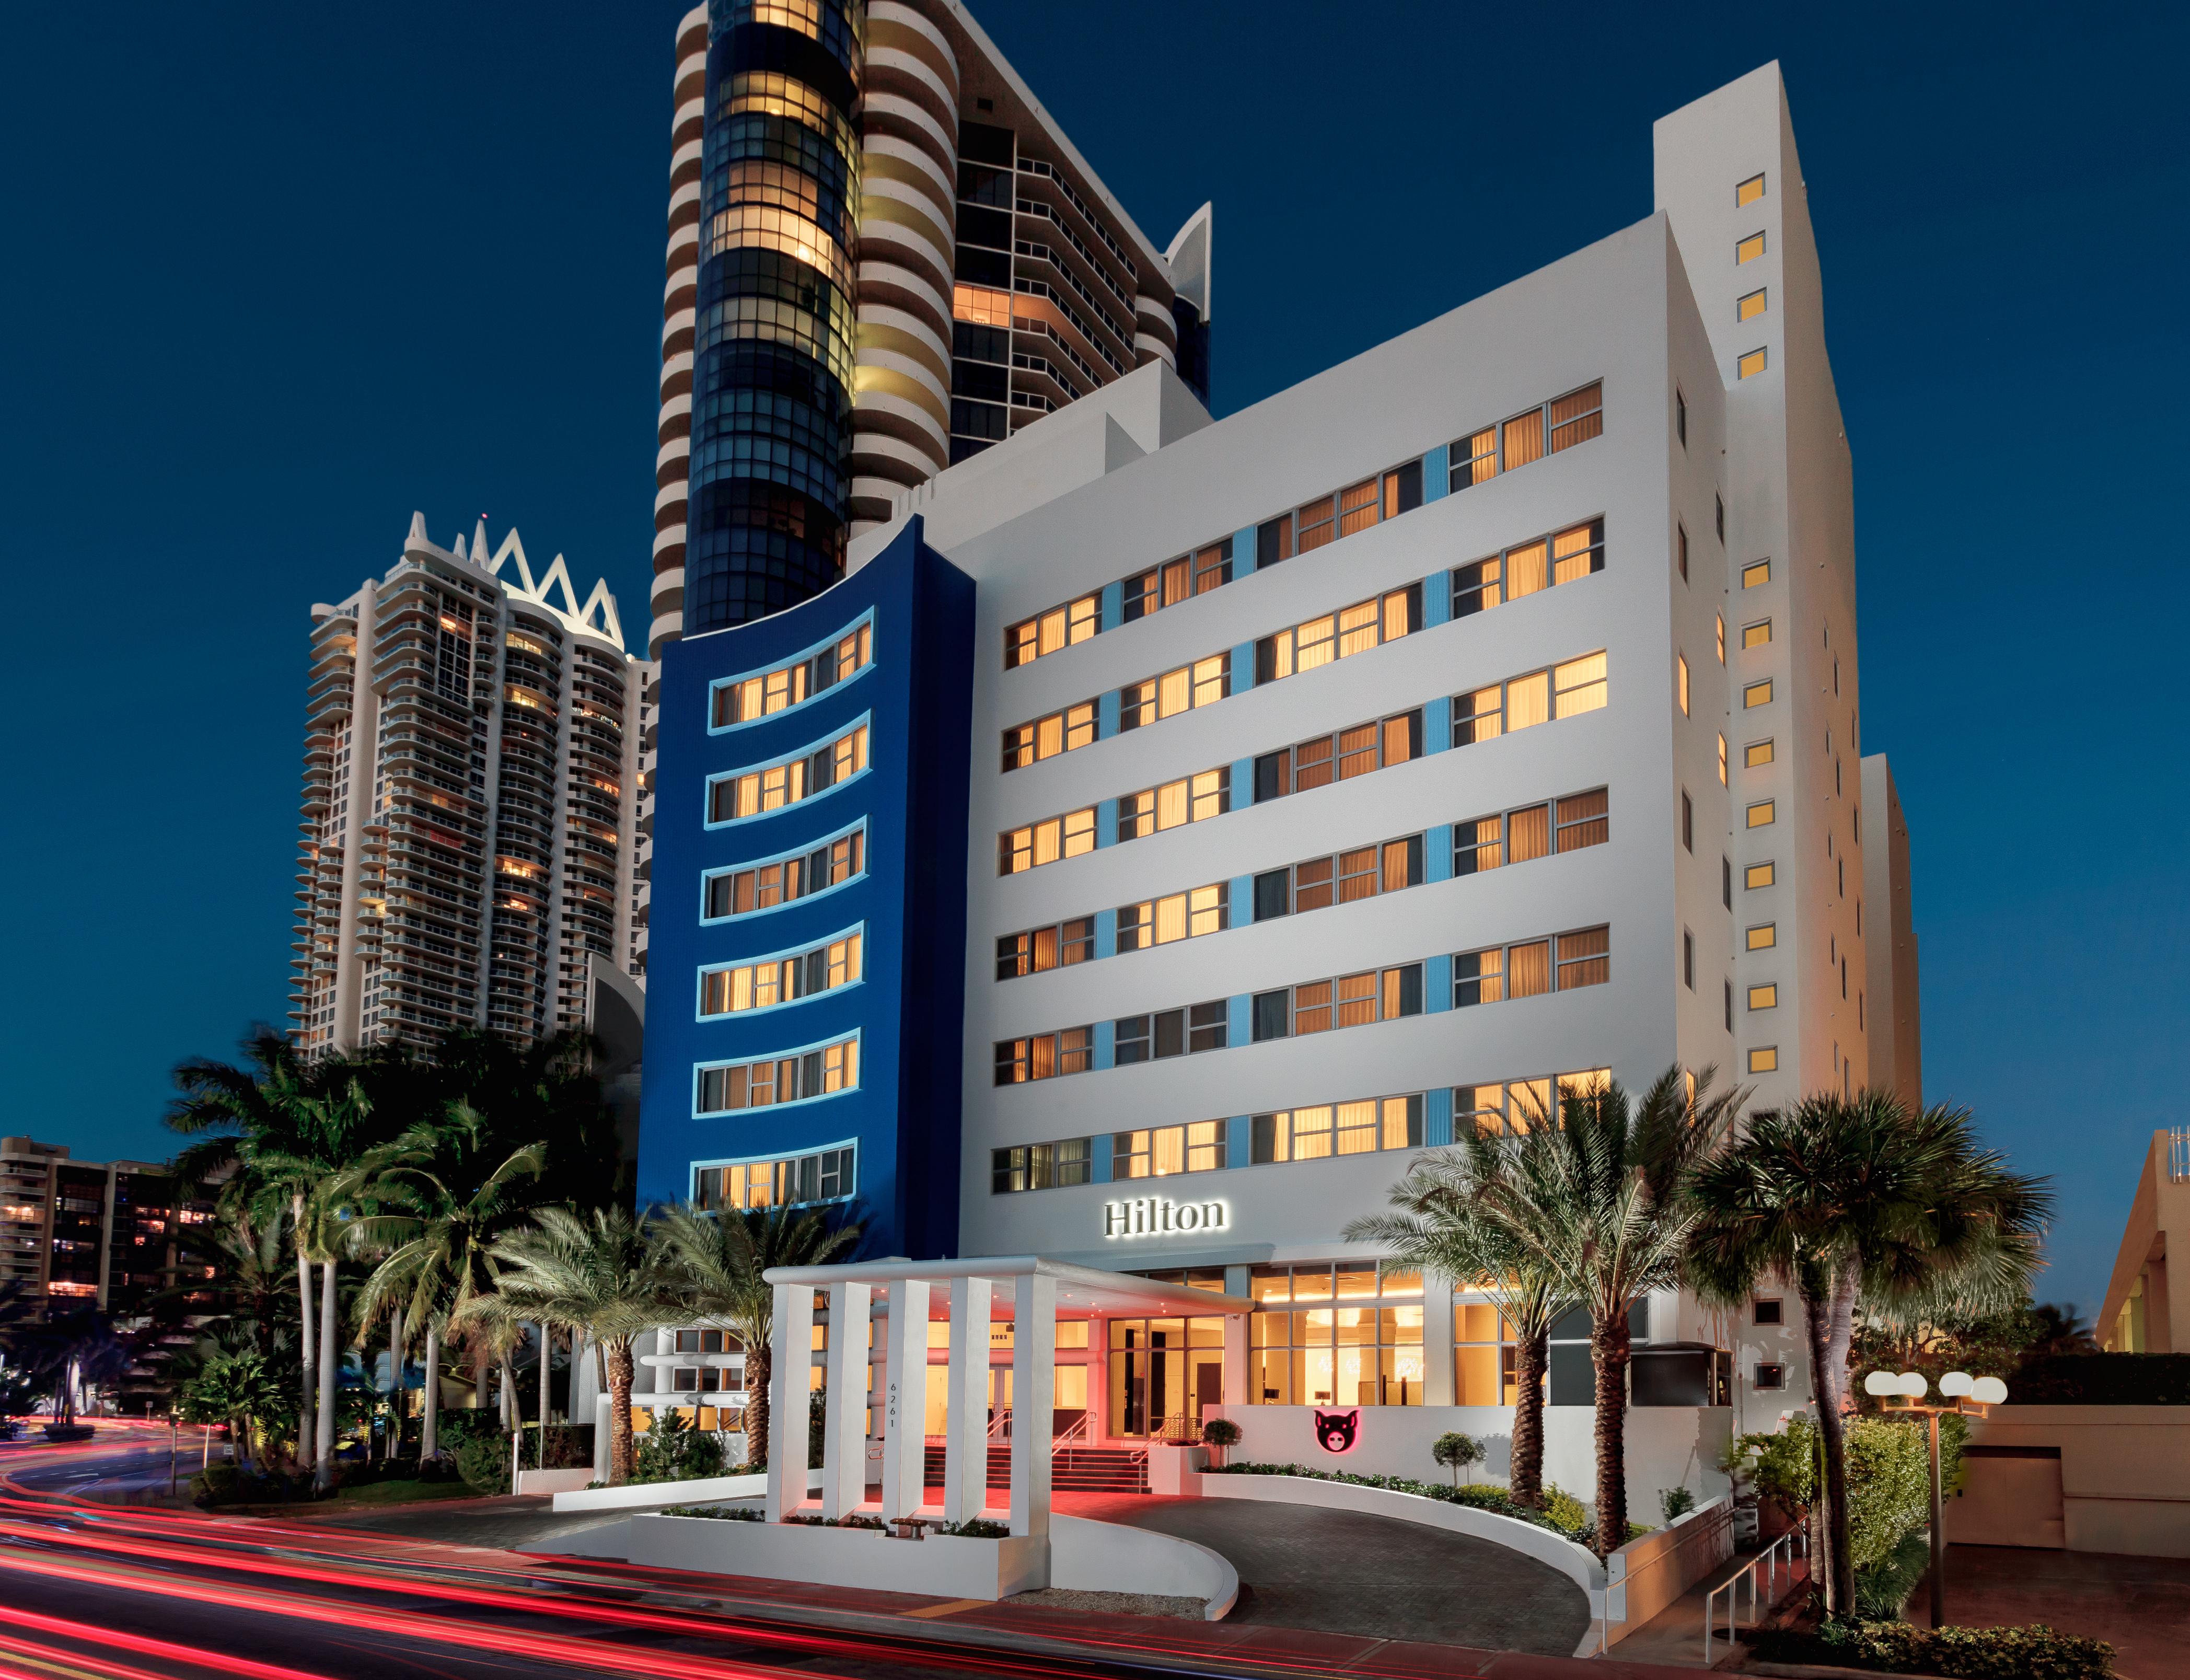 Jacqueline Toppings Hilton Worldwide 1 703 883 6587 Or Gilbert Garcia Tunon Cabana Miami Beach 786 553 0019